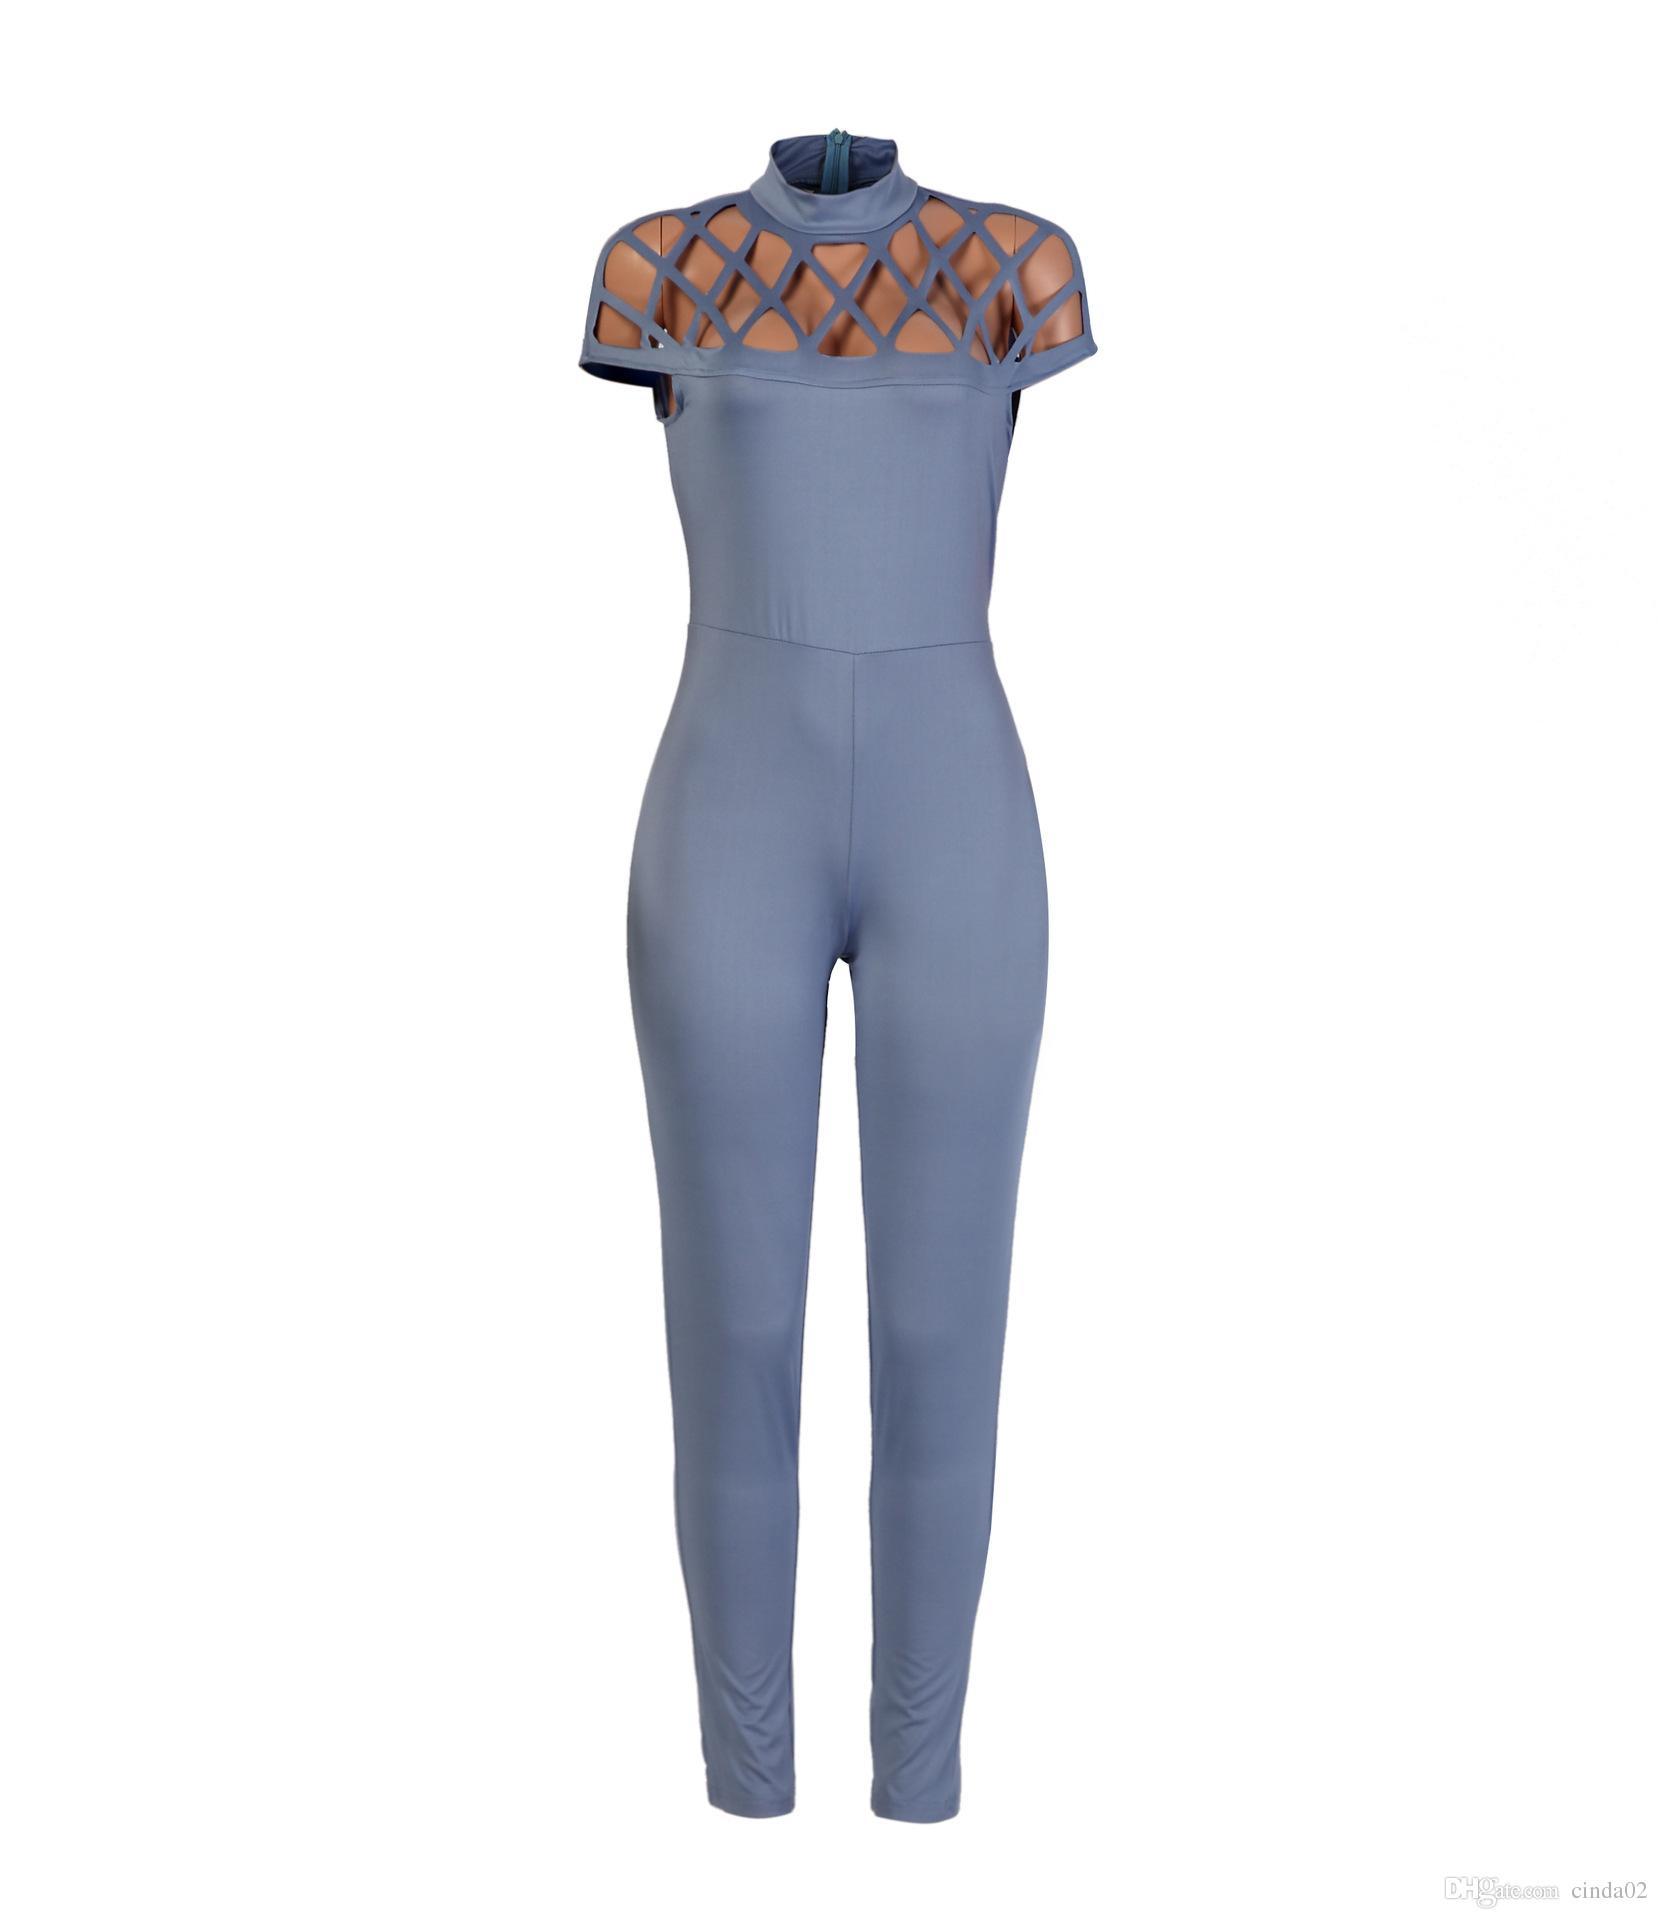 Bayan Moda Gerdanlık Yüksek Boyun Kafesli Kollu Oyun takım elbise 2017 Yeni Uzun Tulum Kadın Tulumlar Yaz kadın Kısa Kollu Bodysuits